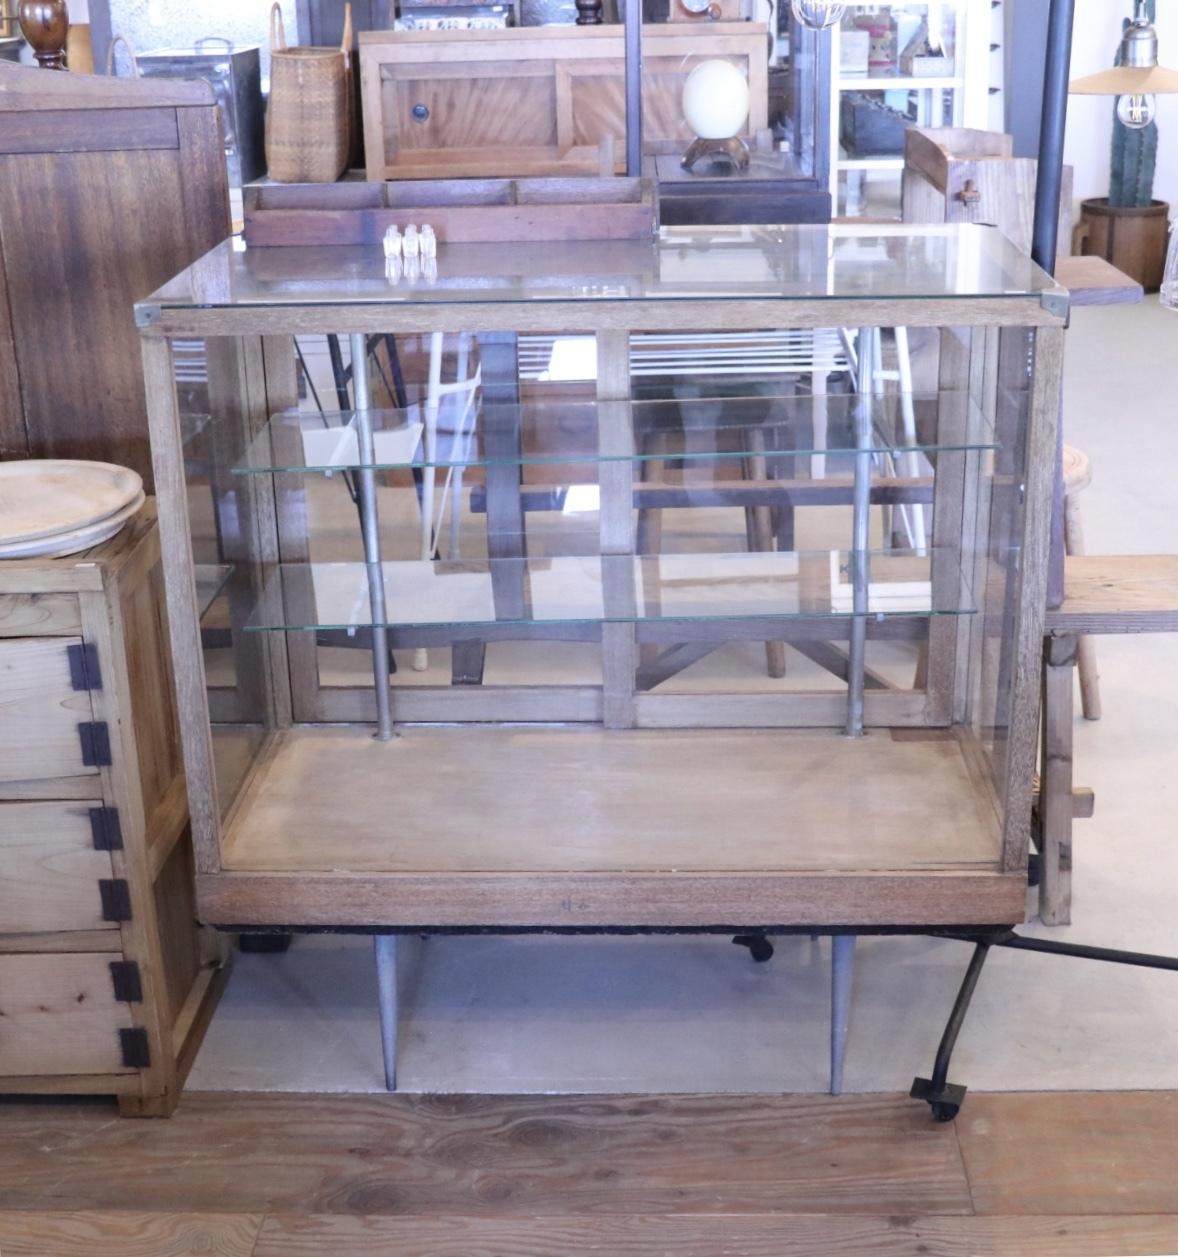 徳島の骨董買取店コユメヤです。古いもの古道具アンティーク無料出張買取!_d0172694_20250900.jpeg